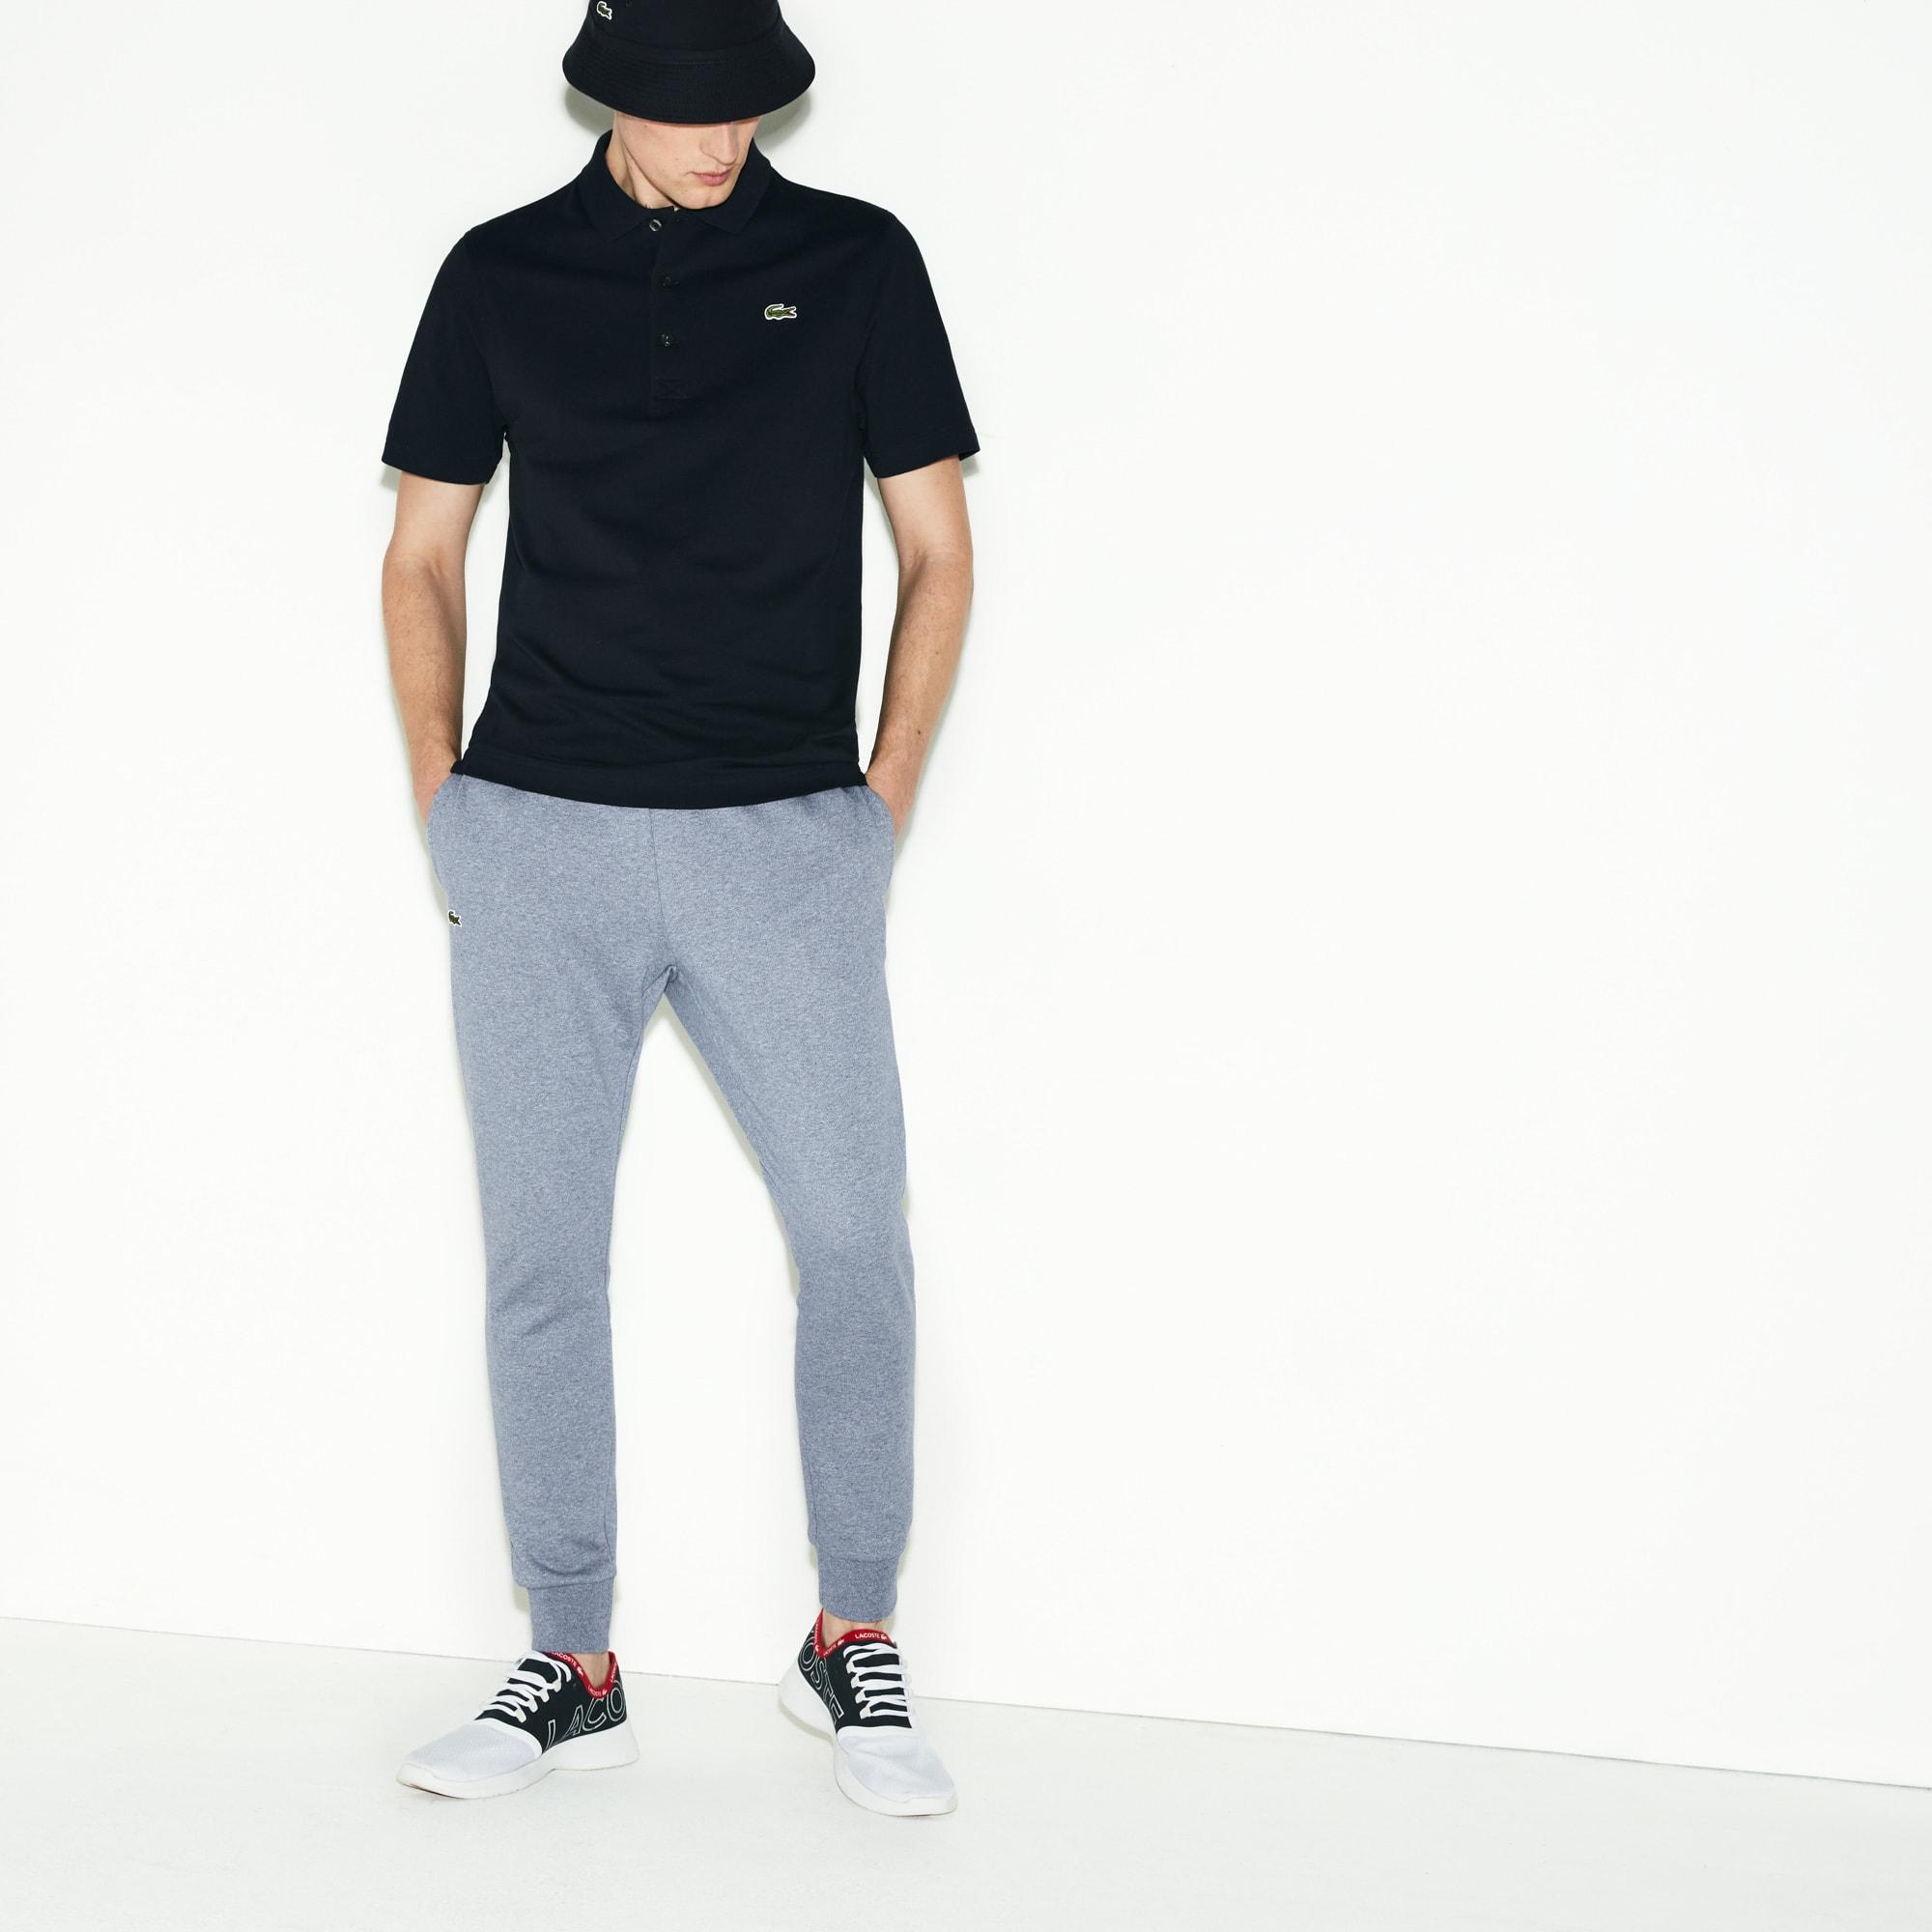 232c01d762 Survêtements homme | Vêtements Homme | LACOSTE SPORT